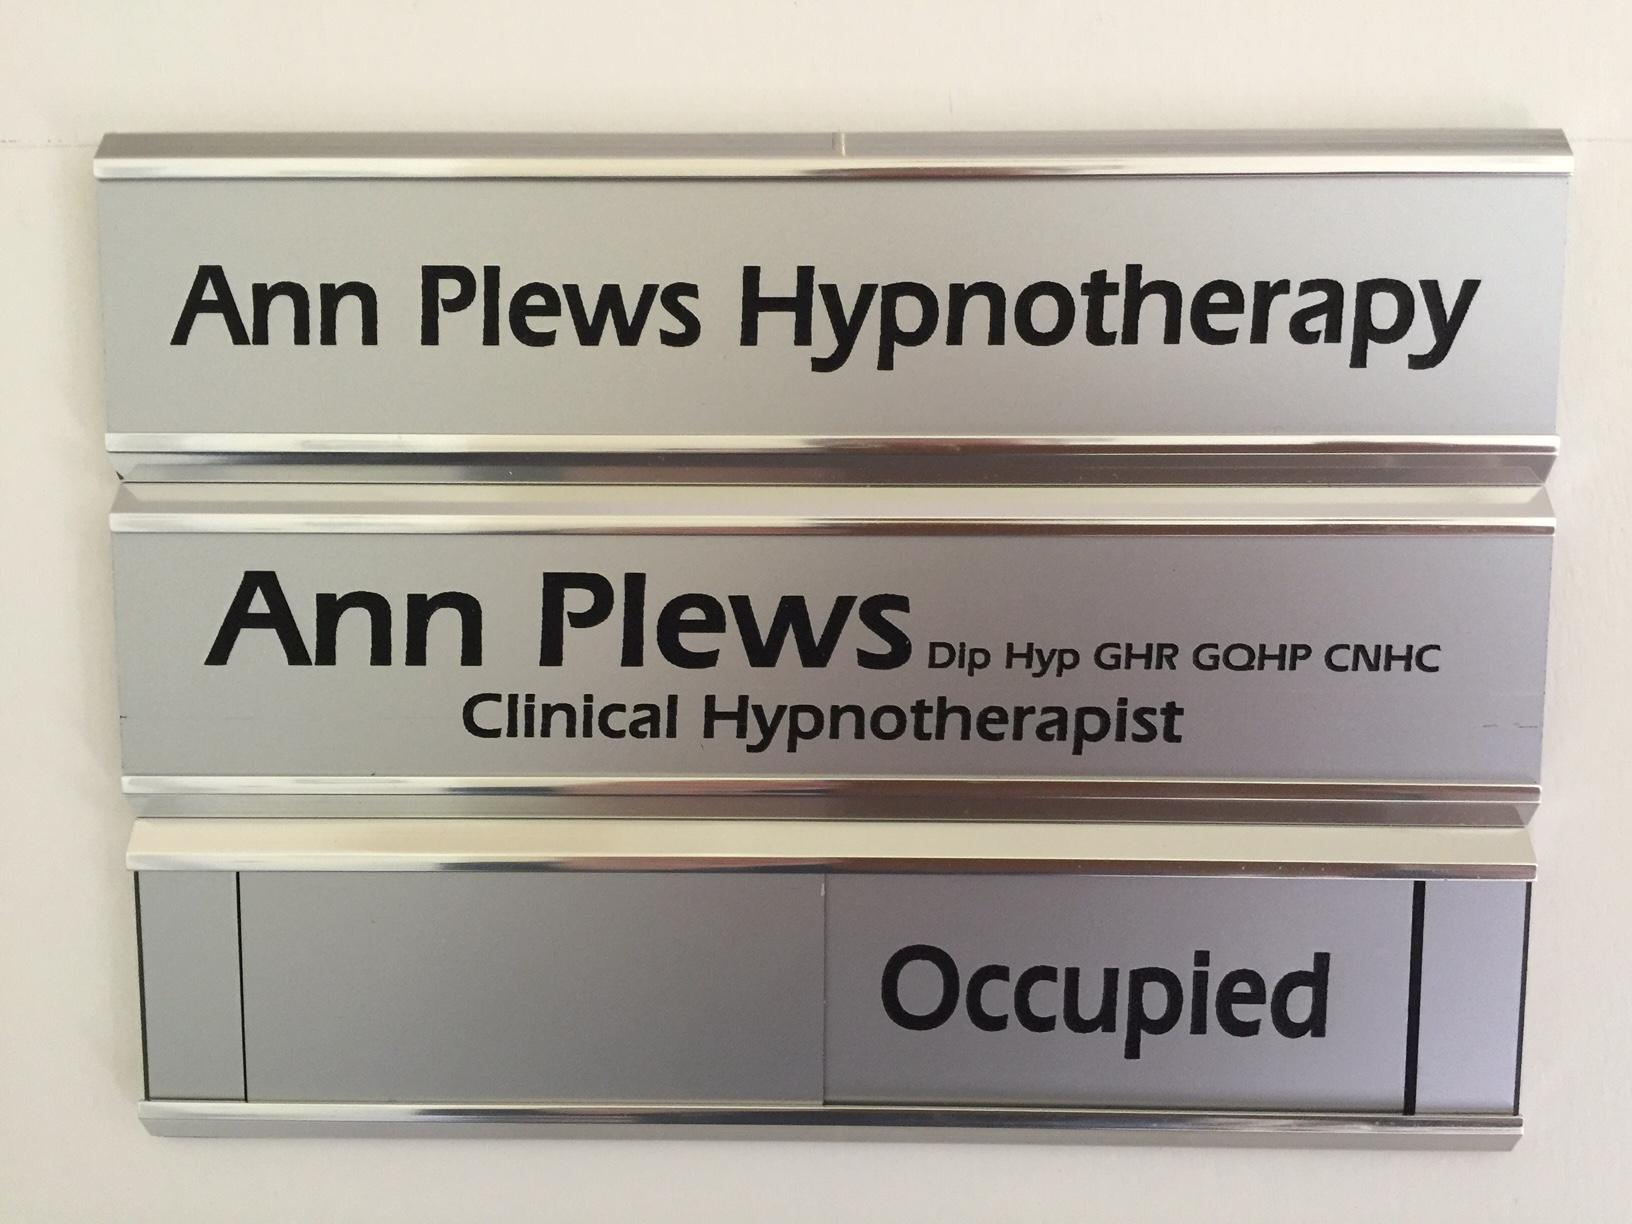 Ann Plews Hypnotherapy